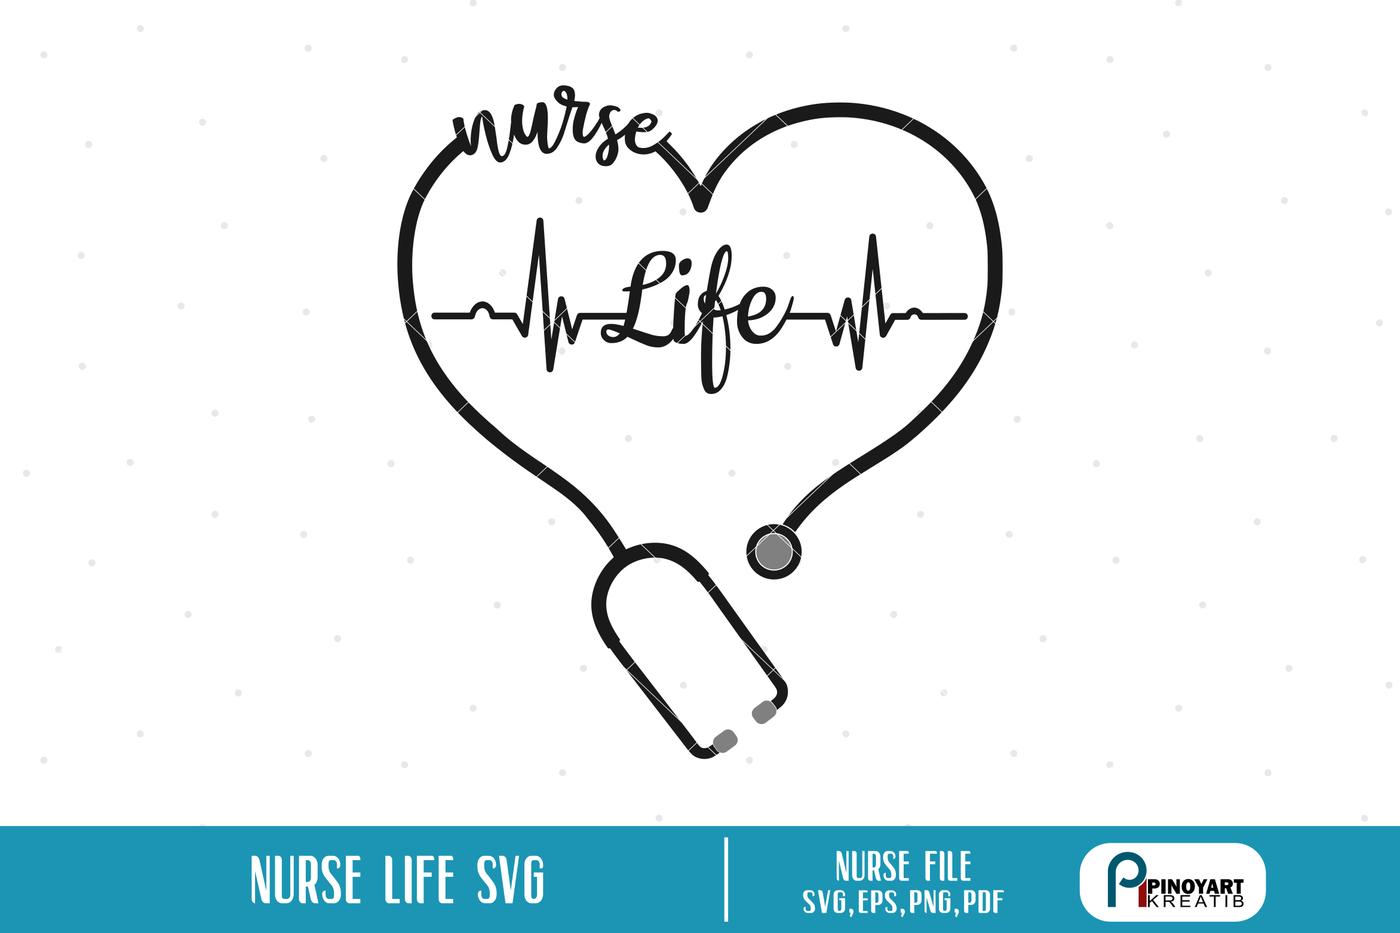 Nurse Life Svg Nurse Svg Heartbeat Svg Nursing Svg Svg Files